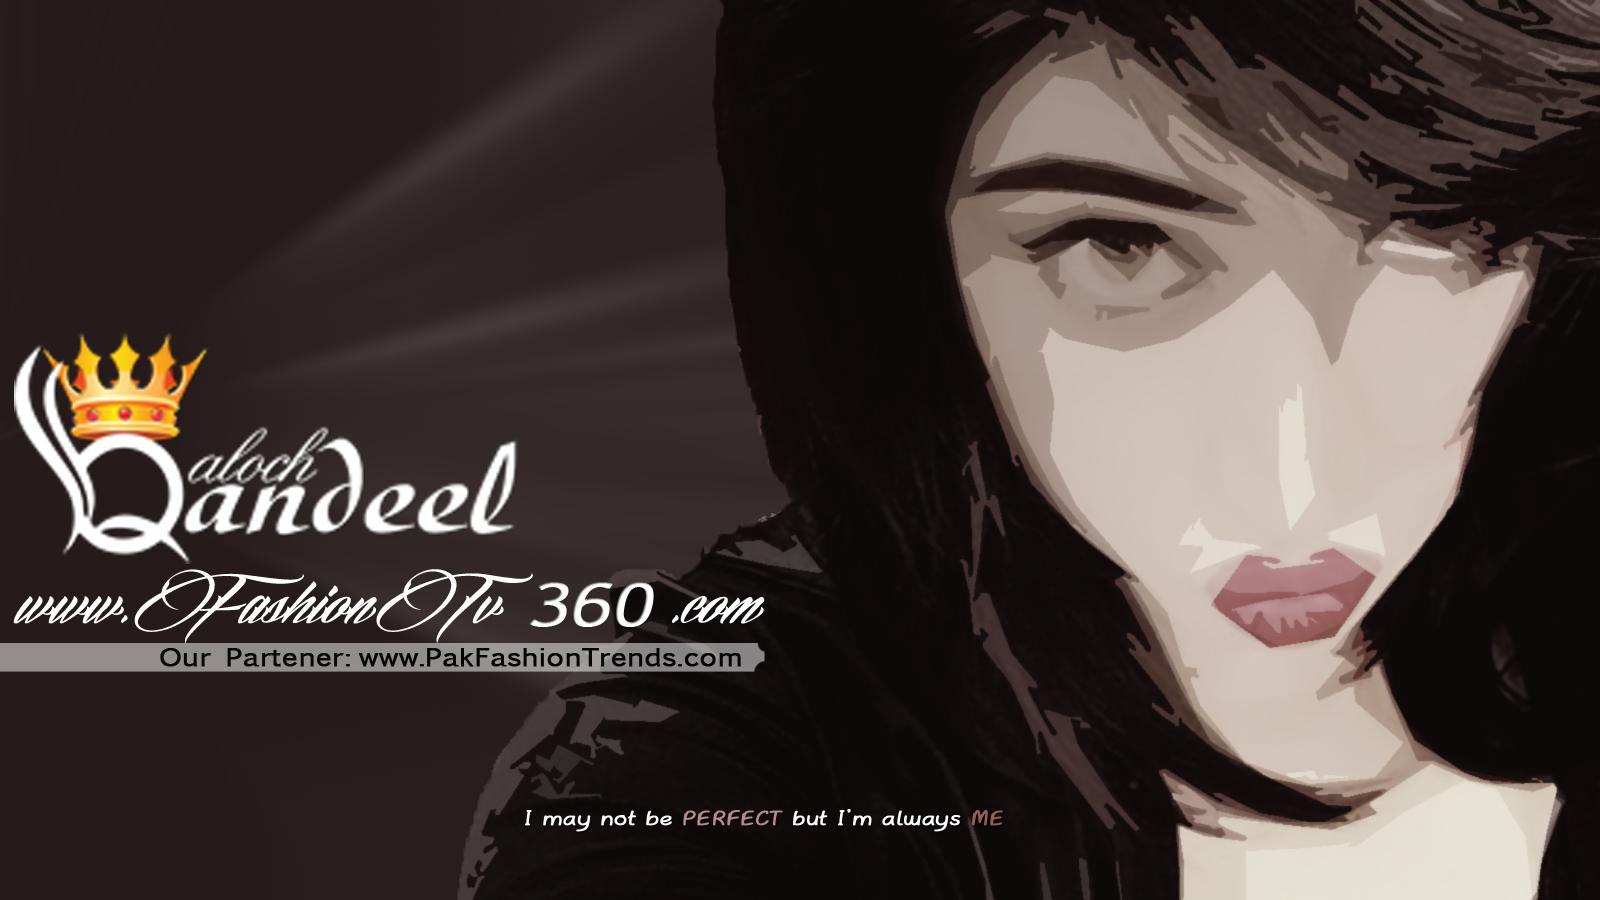 Emo wallpaper, Qadeel Baloch HD Wallpaper, Hot, sexy. unseen, Qadeel Baloch pics